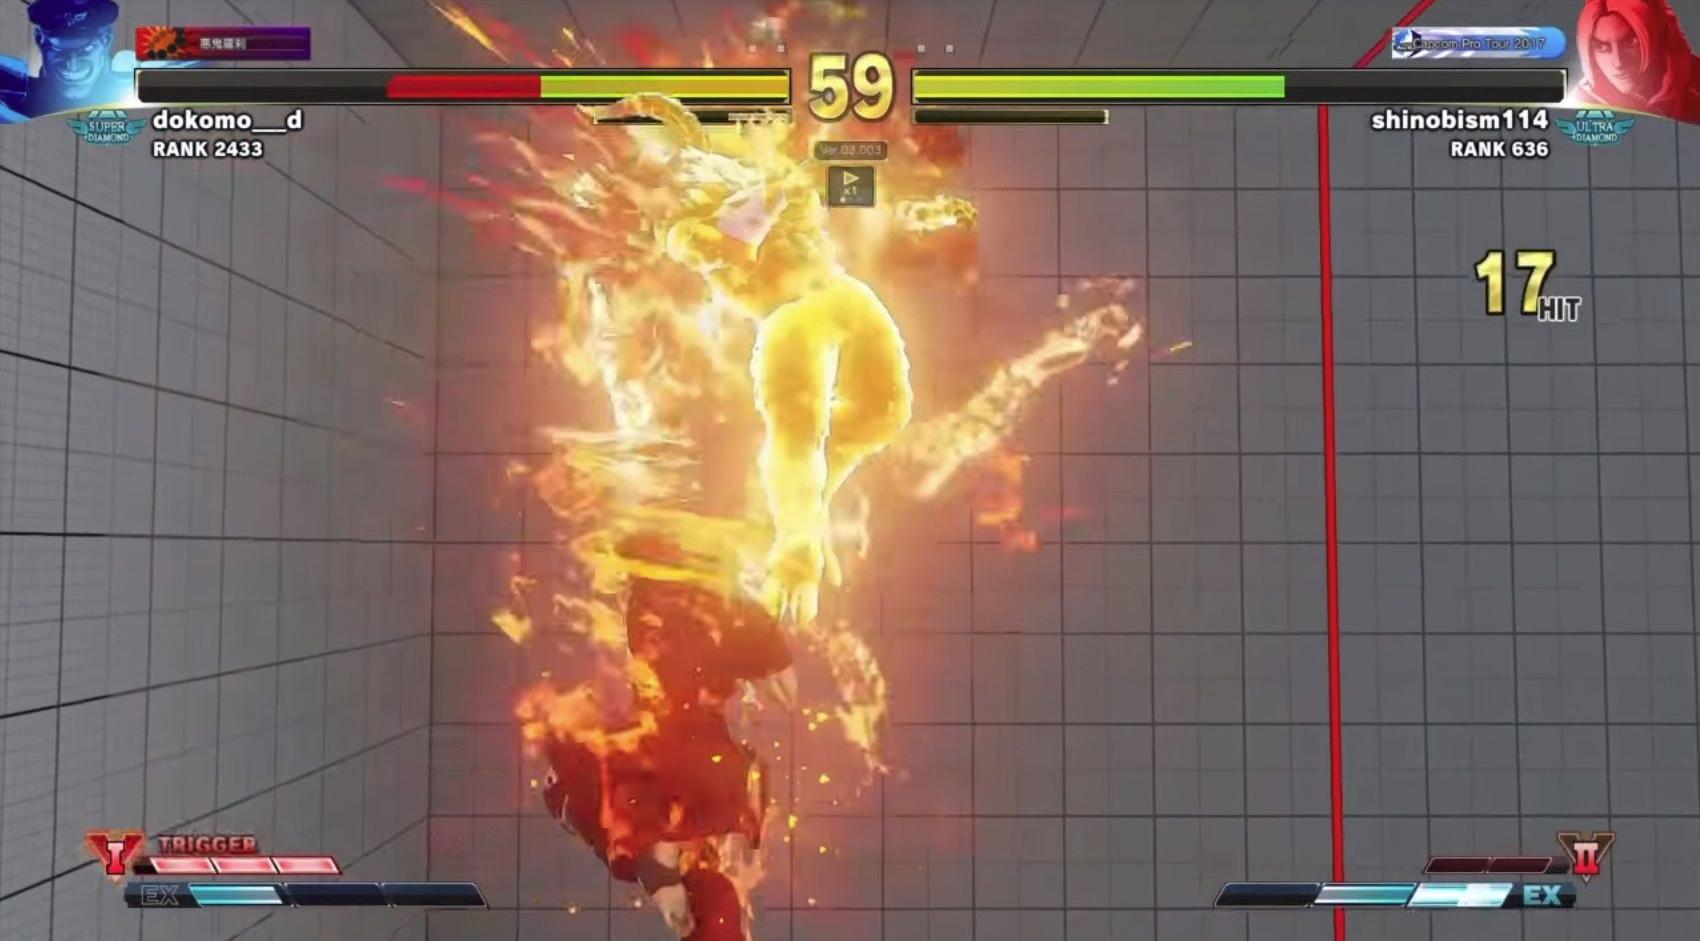 【スト5】神龍は完全無敵あってもいいと思う。